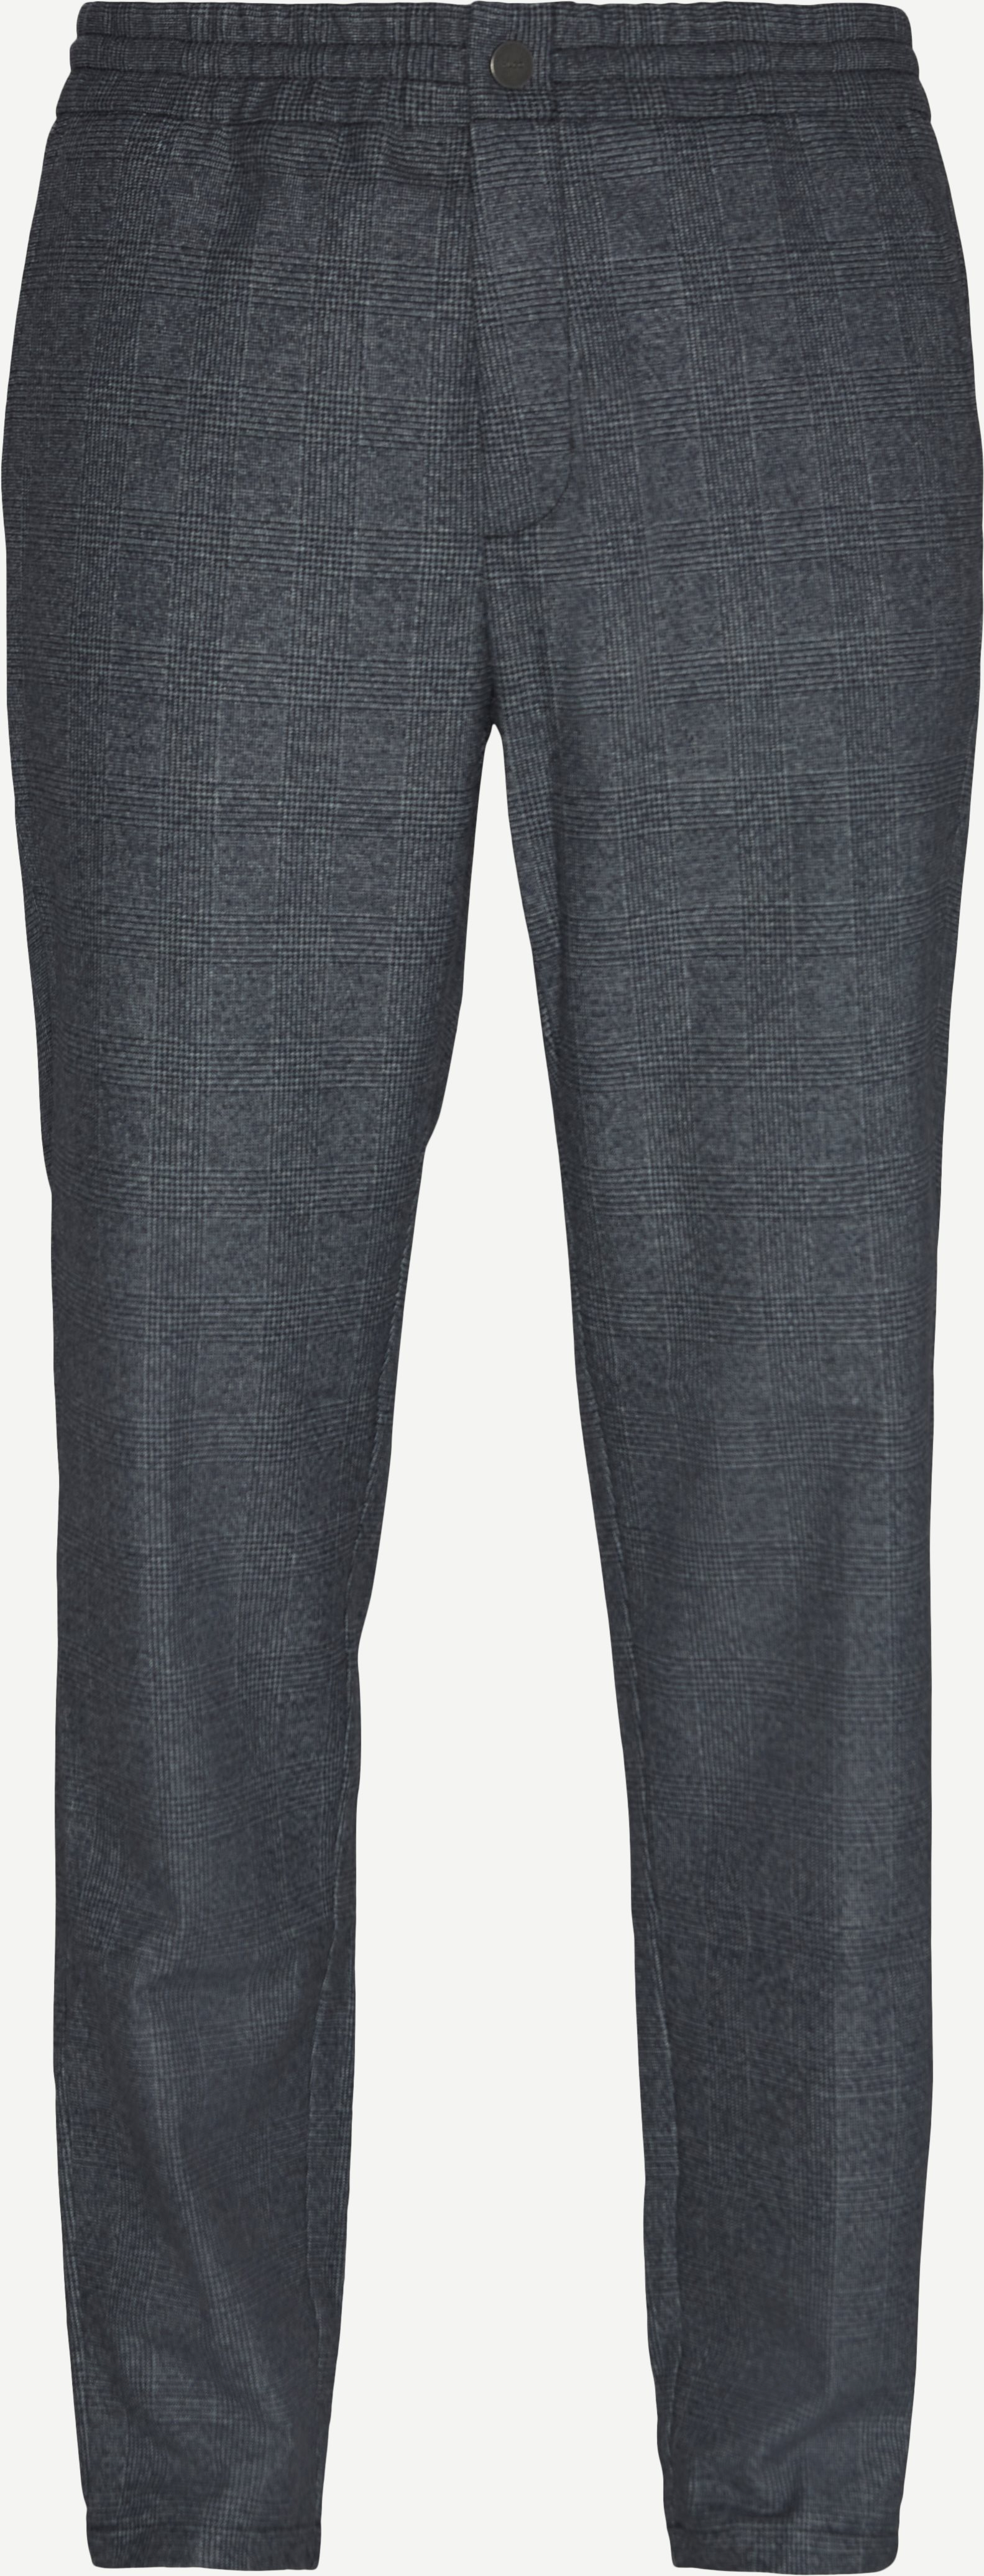 Byxor - Slim fit - Blå